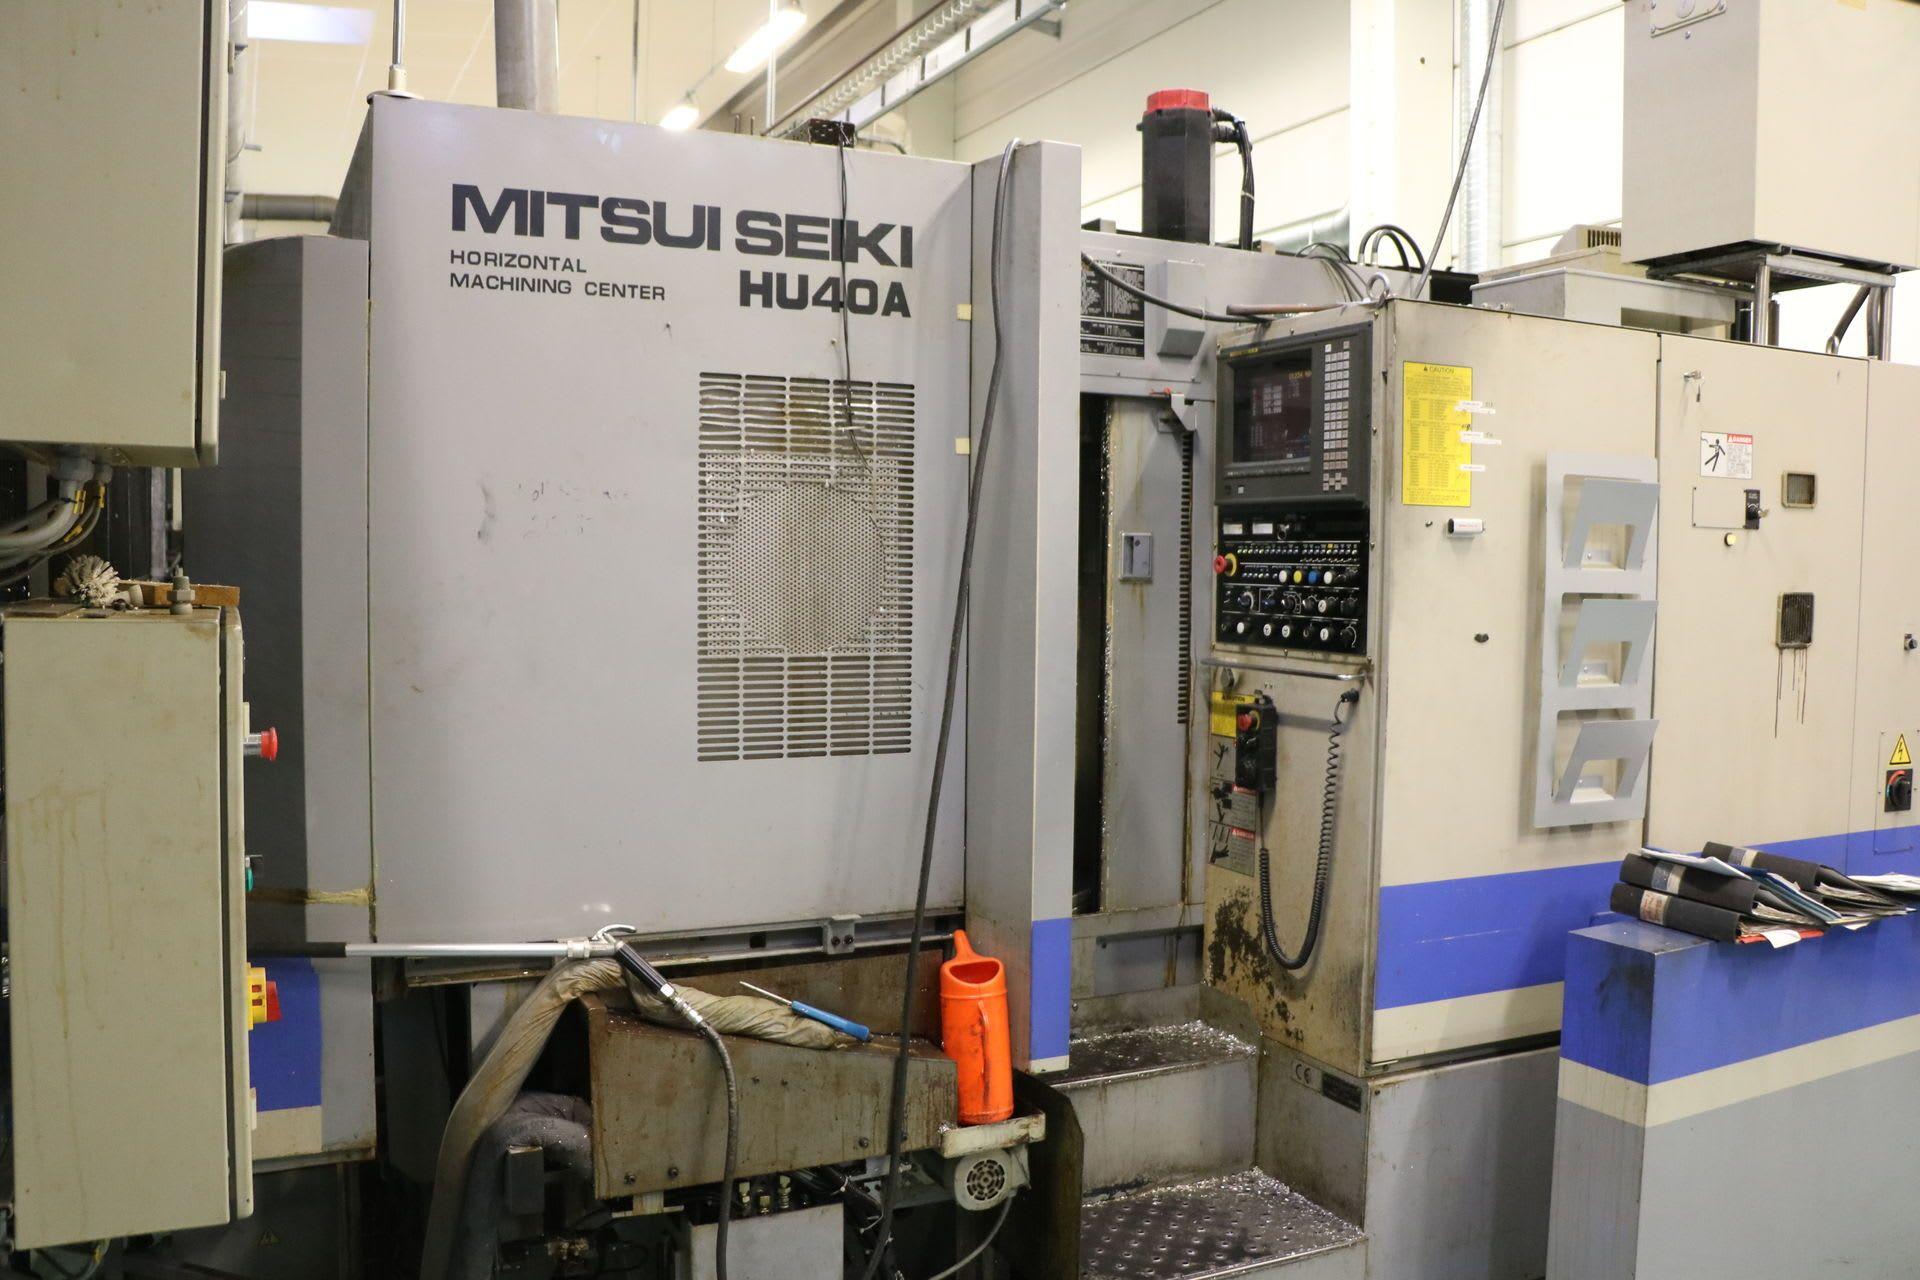 MITSUI SEIKI HU 40 A Горизонтальный Bearbeitungszentrum